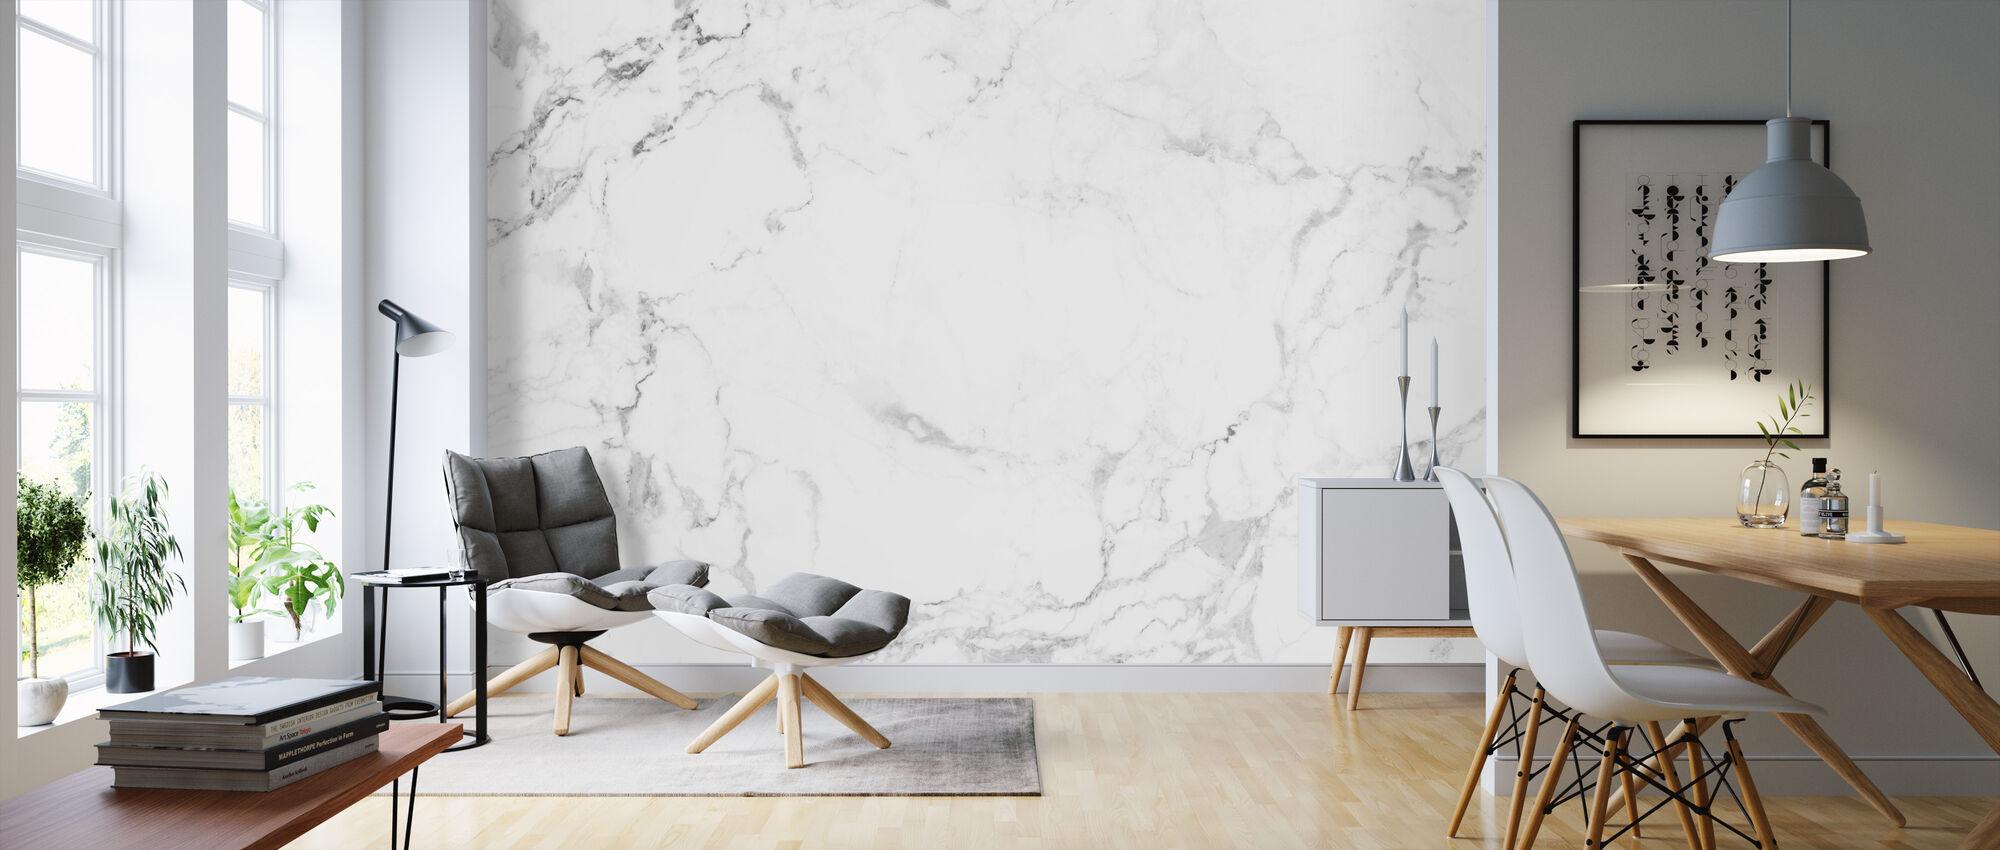 Weißer Marmor - Tapete - Wohnzimmer